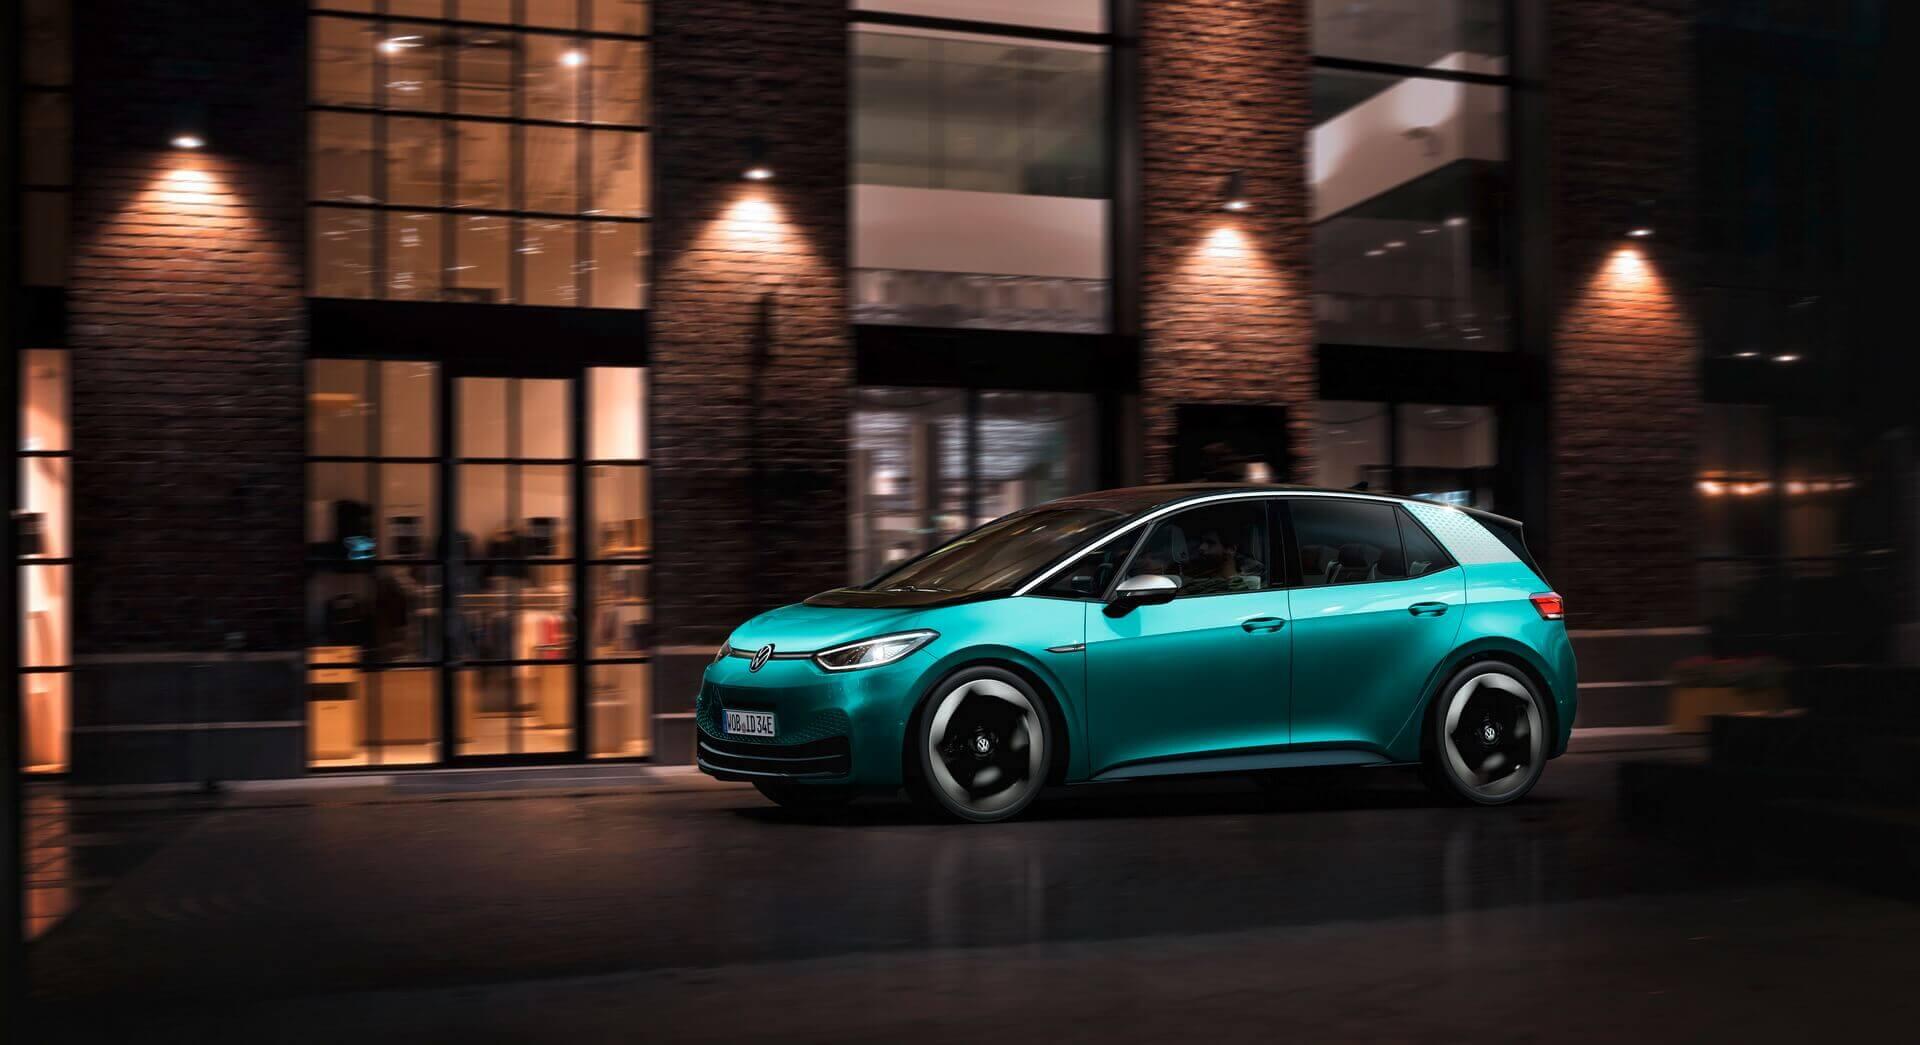 VW ID.3 дебютує як народний електромобіль з запасом ходу від 330 до 550 км